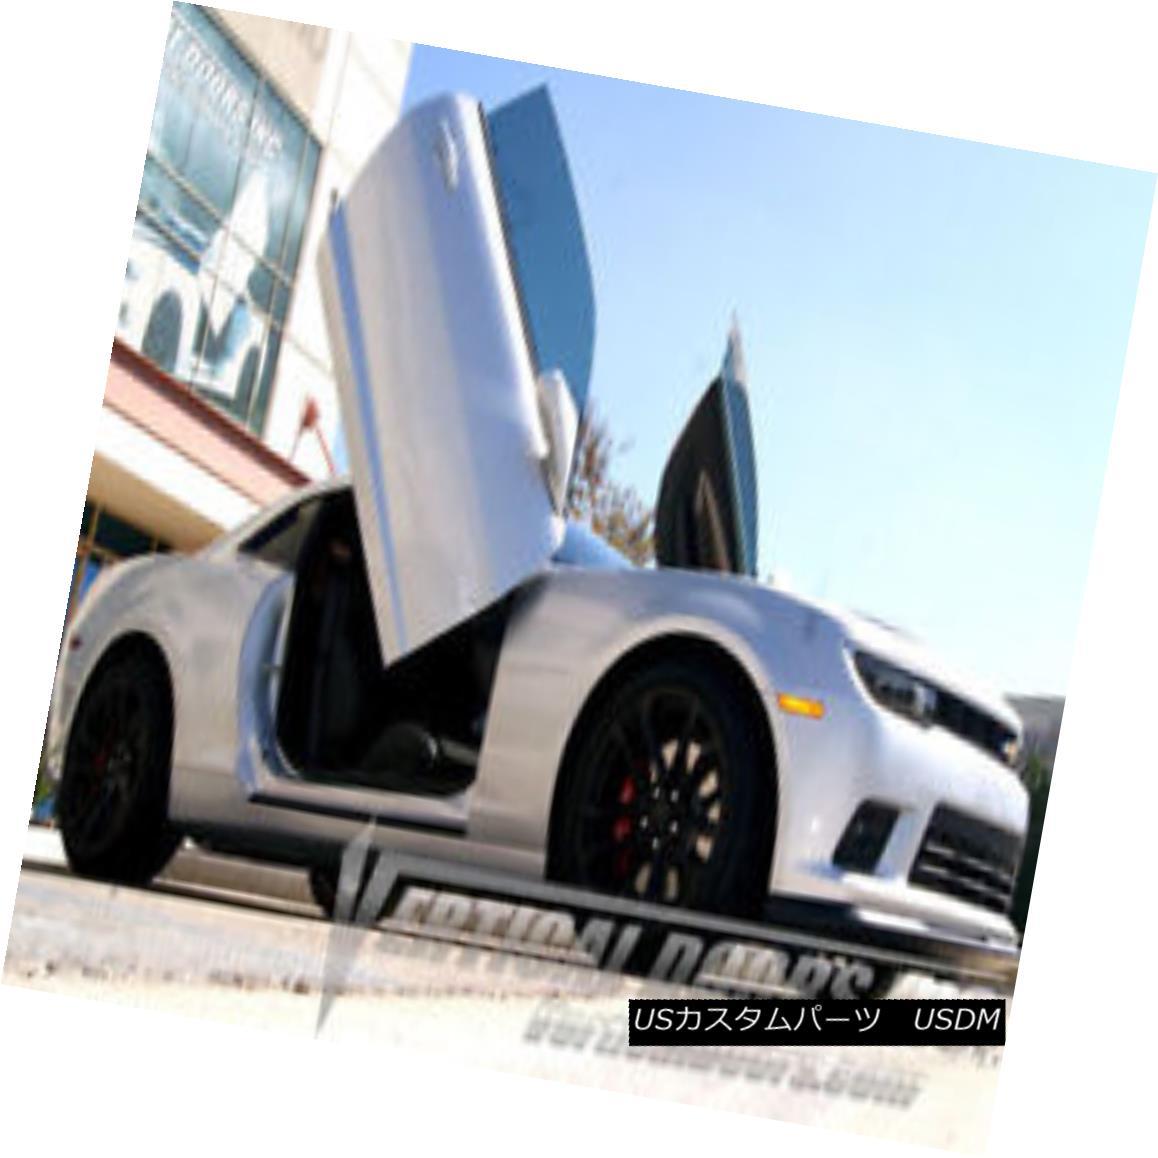 ガルウィングキット Chevrolet Chevy Camaro 10-15 Vertical Lambo Doors Kit Hinges Vertical Doors Inc Chevrolet Chevy Camaro 10-15垂直Lamboドアキットヒンジ垂直ドアInc